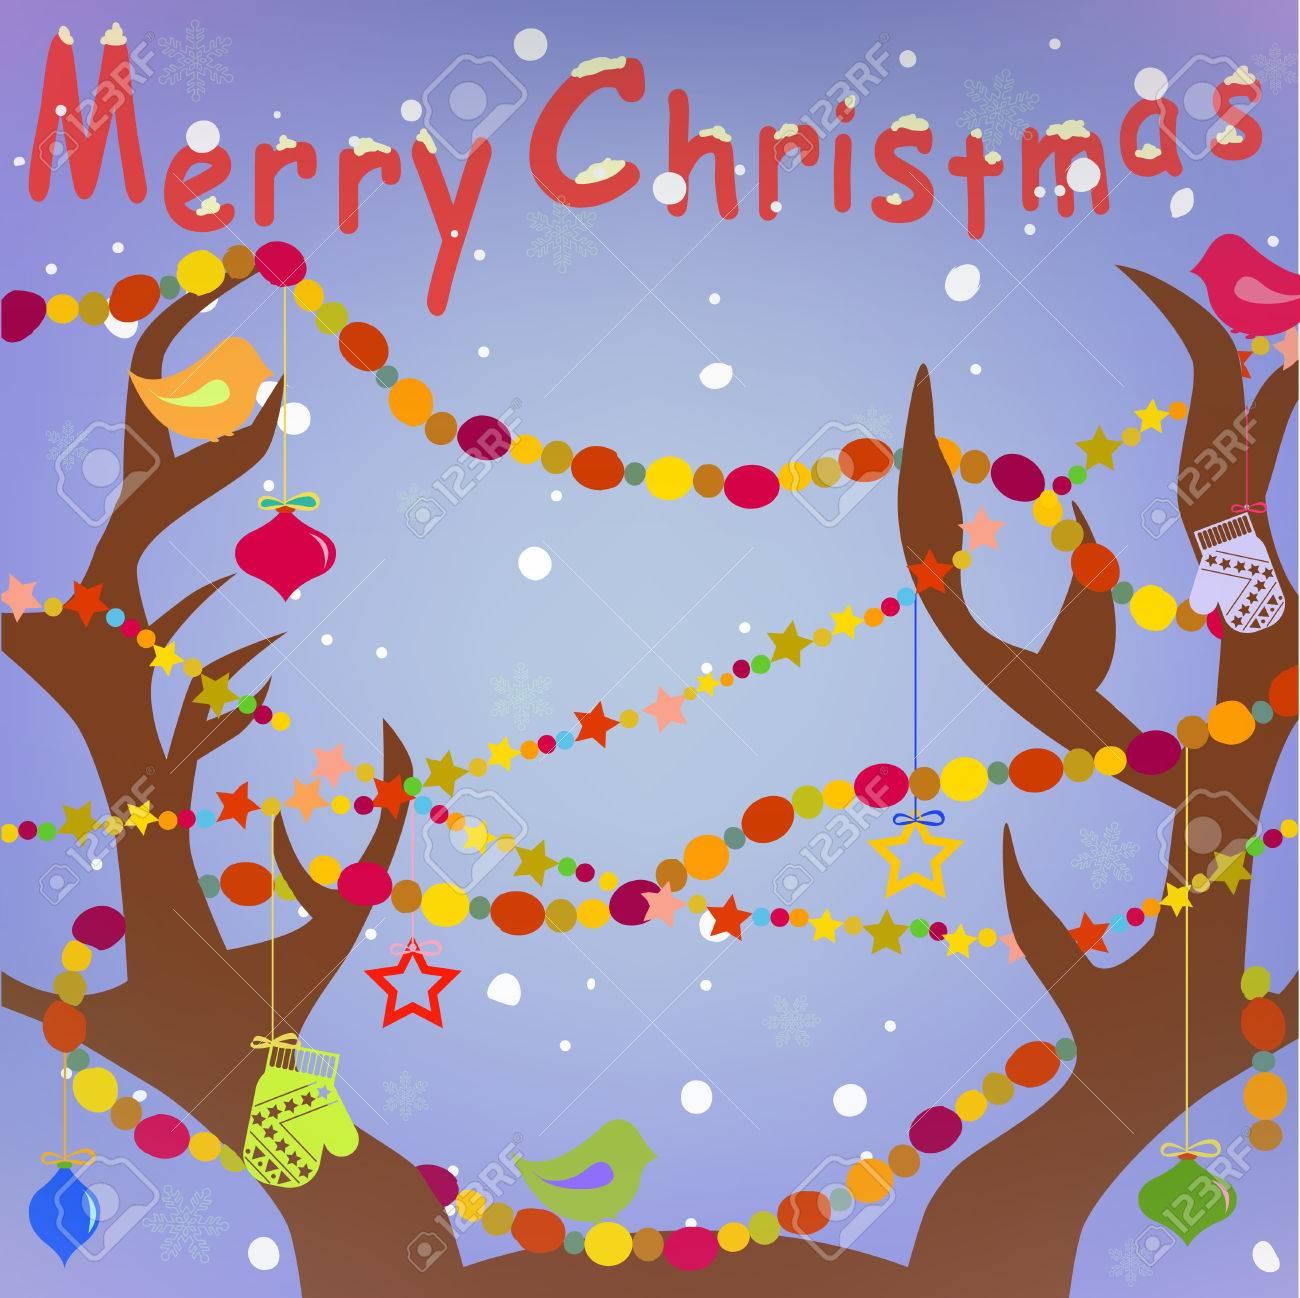 Frohe Weihnachten Grußkarte Mit Hirschgeweih Und Urlaub Dekoration ...